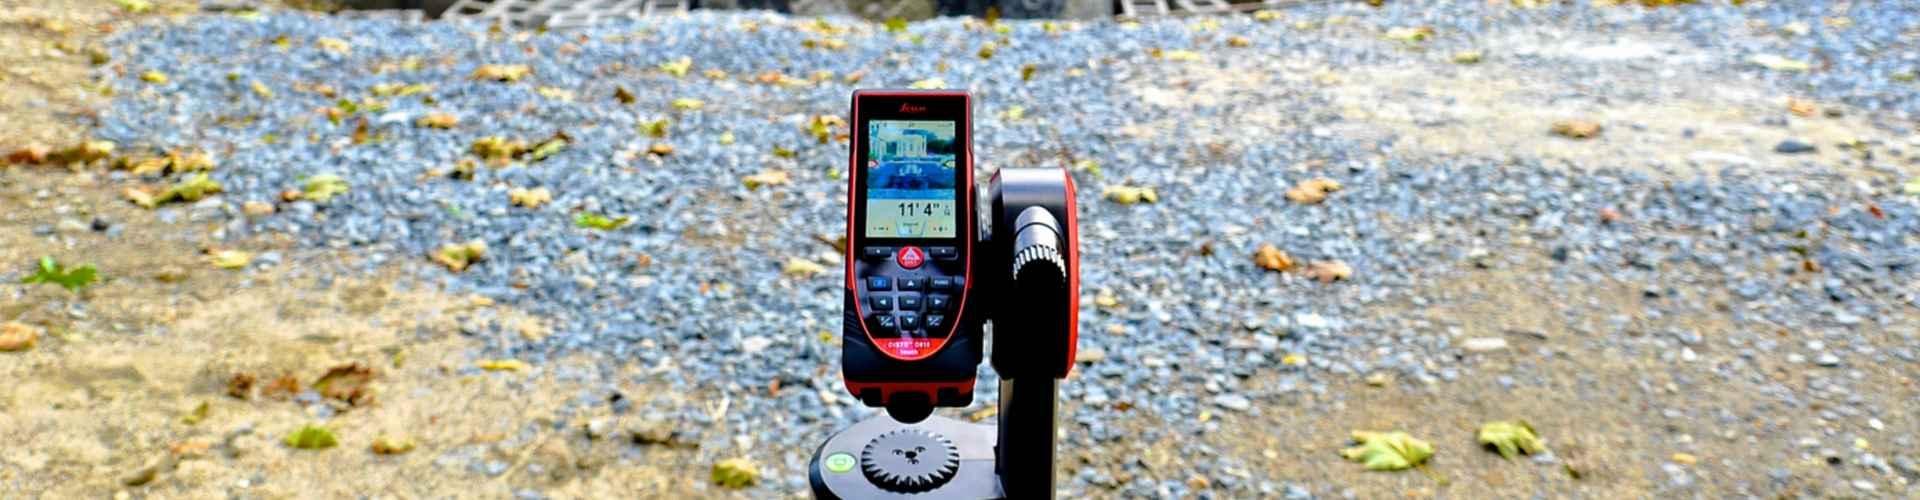 Leica Disto™ S910